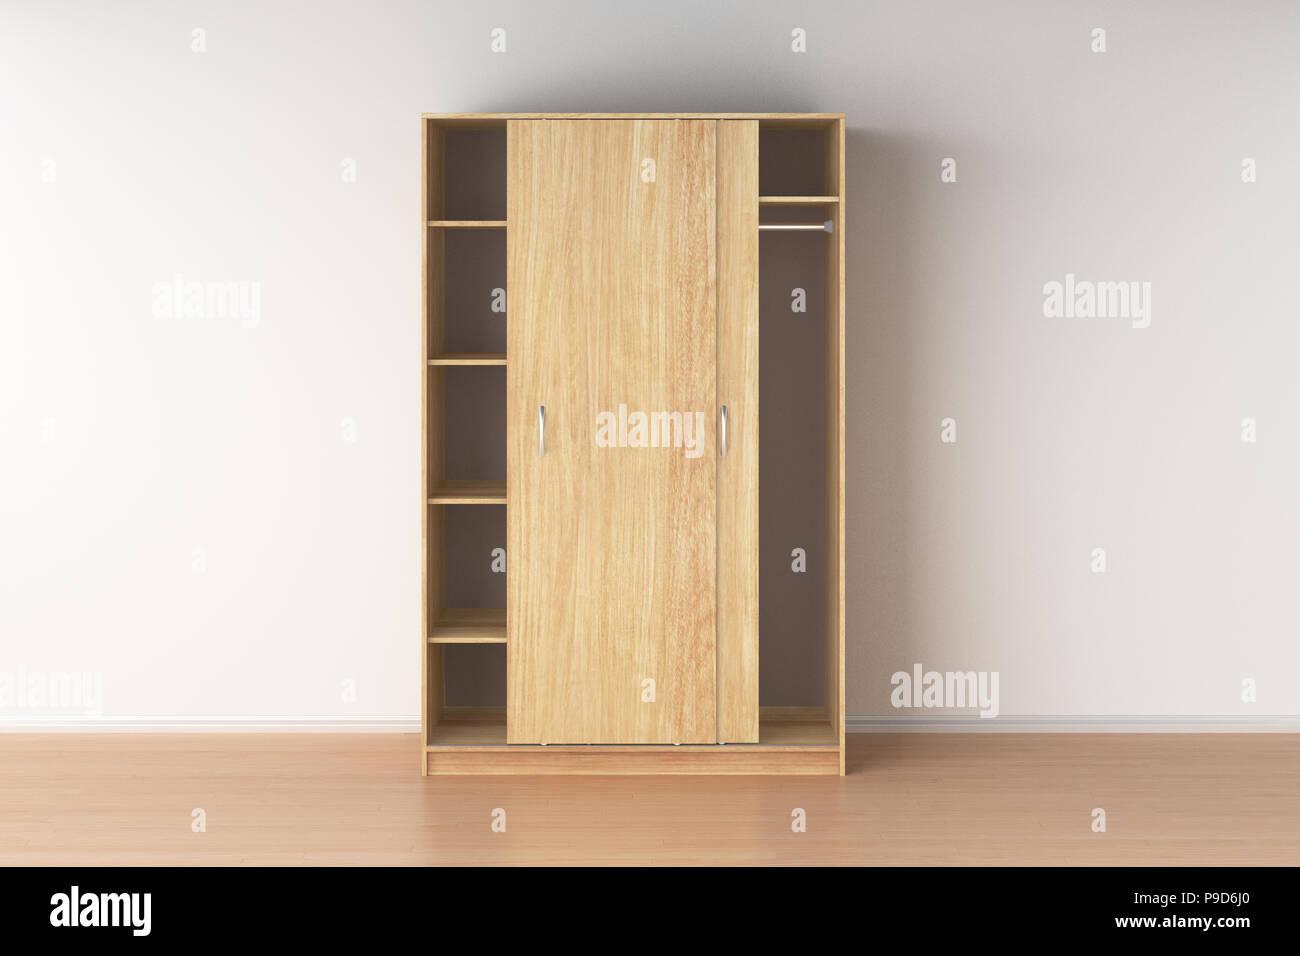 Empty Wooden Wardrobe With Sliding Doors In Interior 3d Render